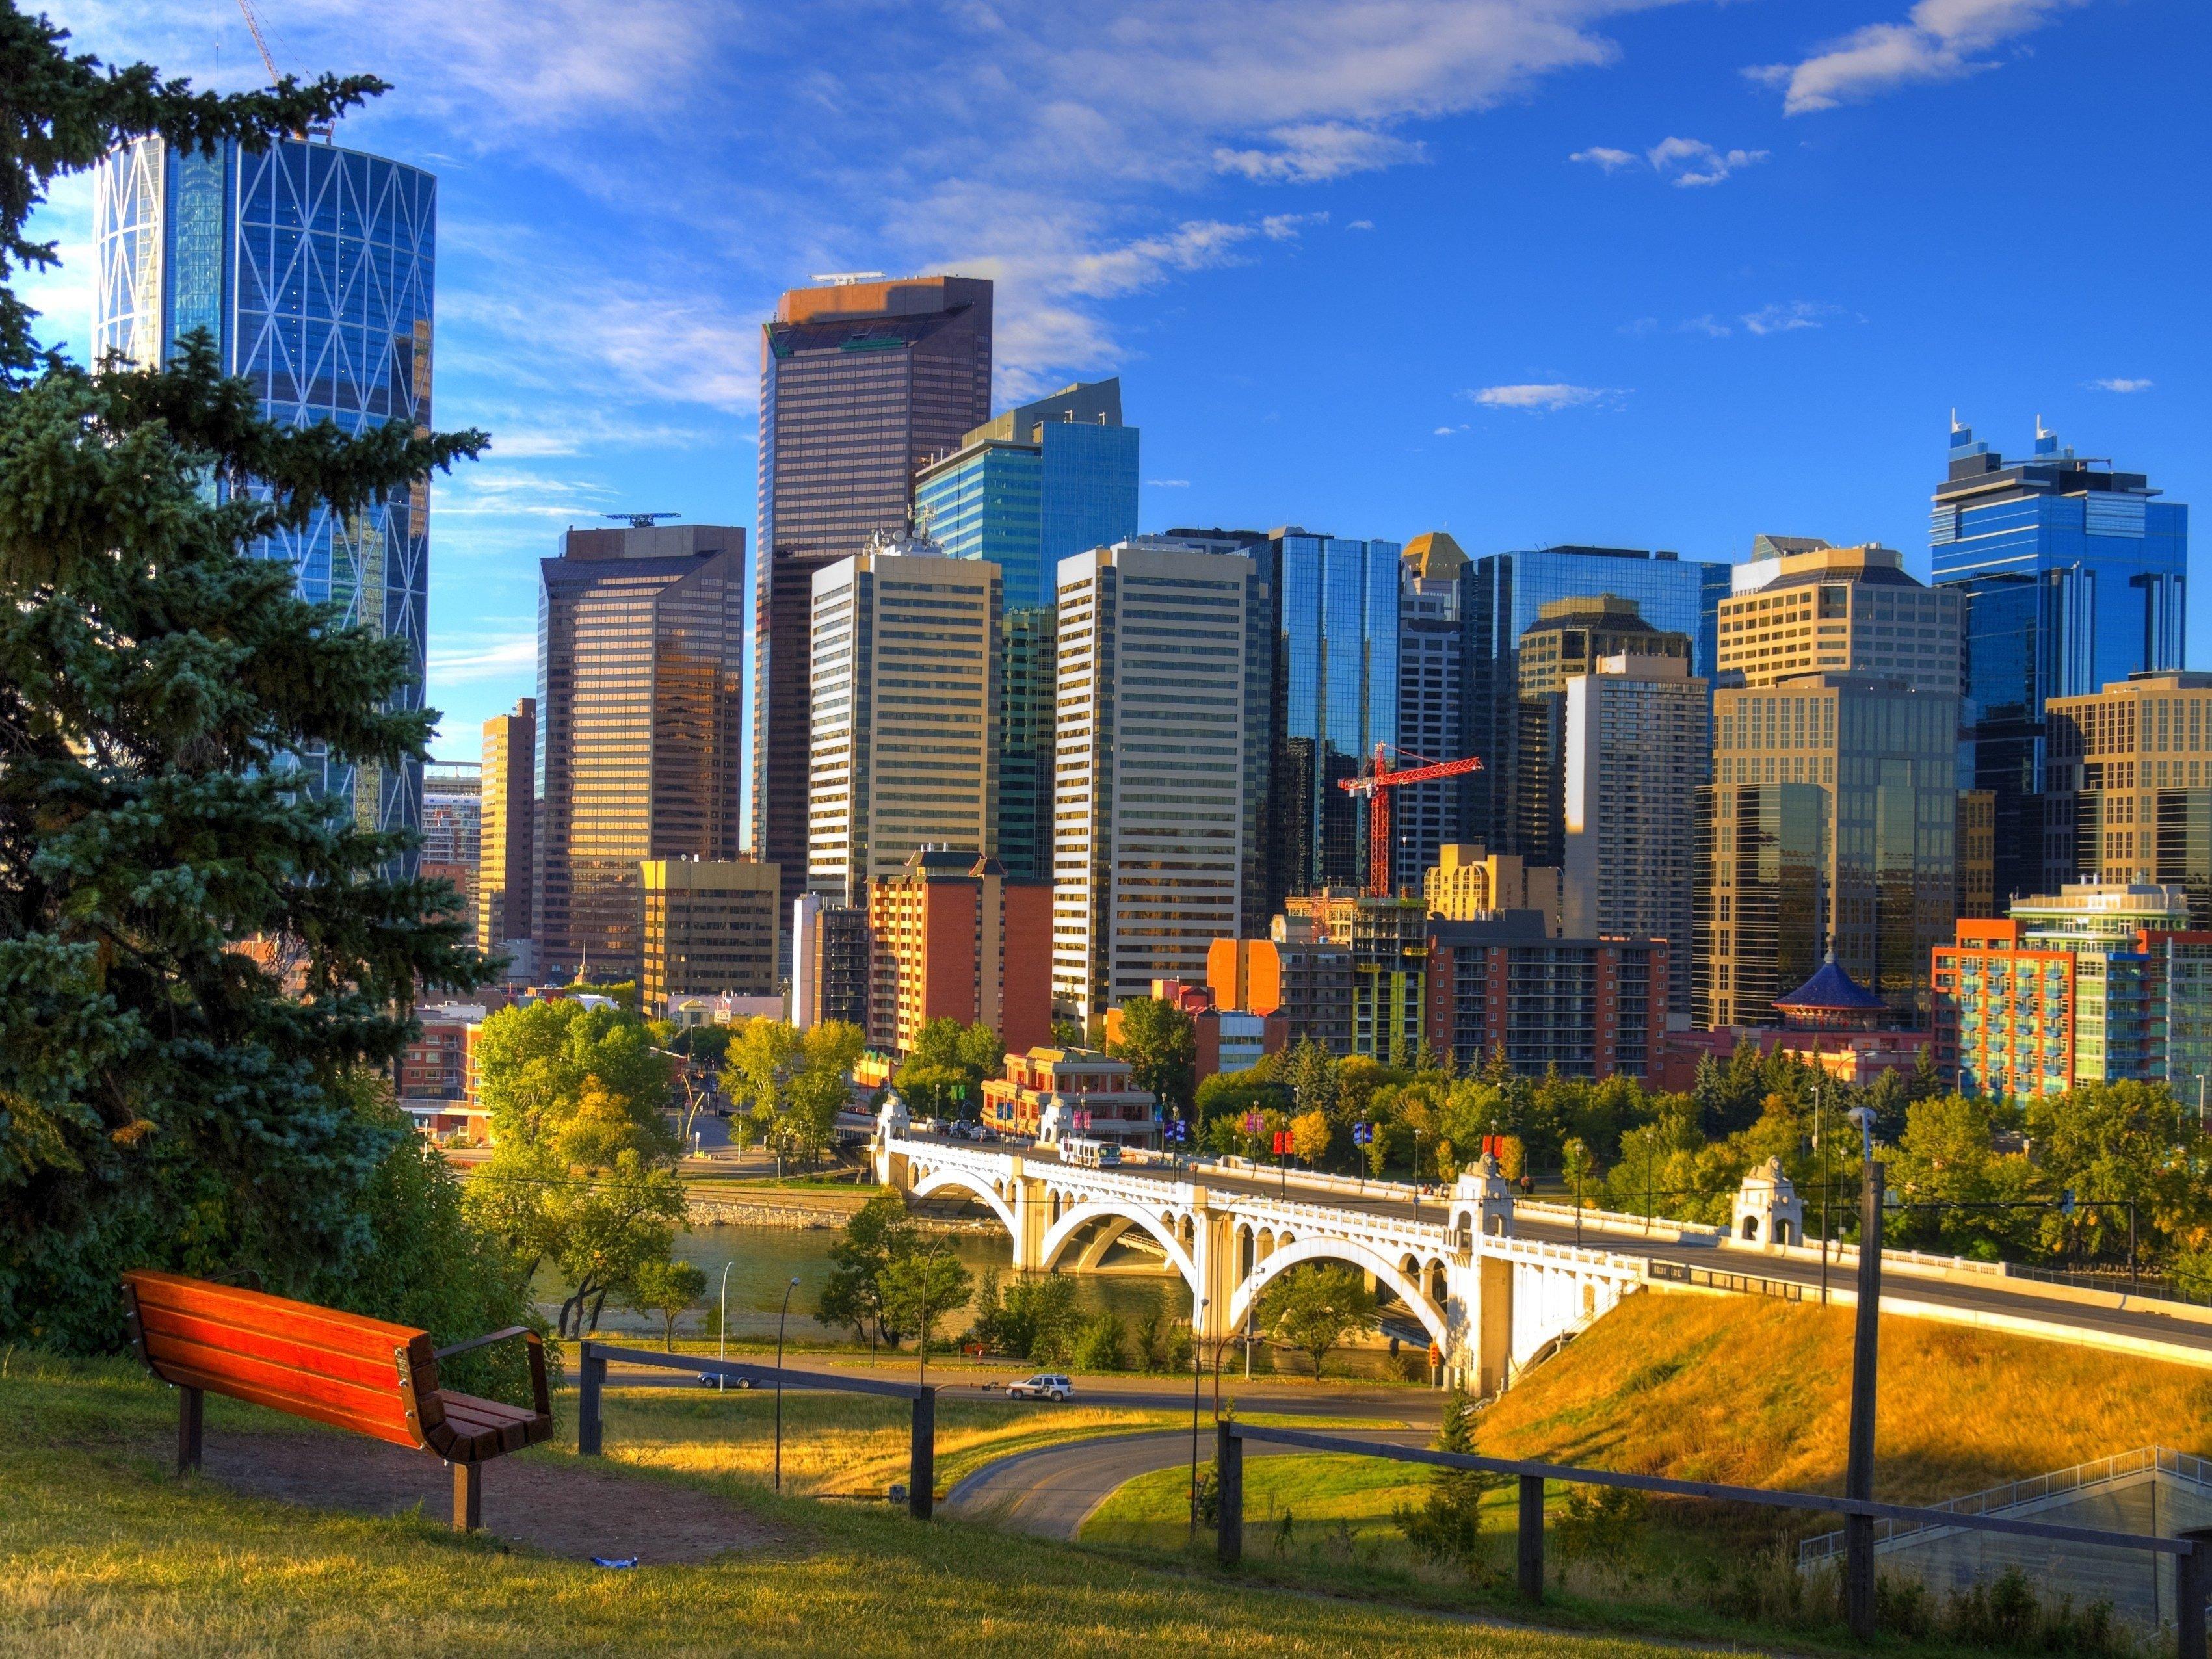 2. Calgary, Alberta